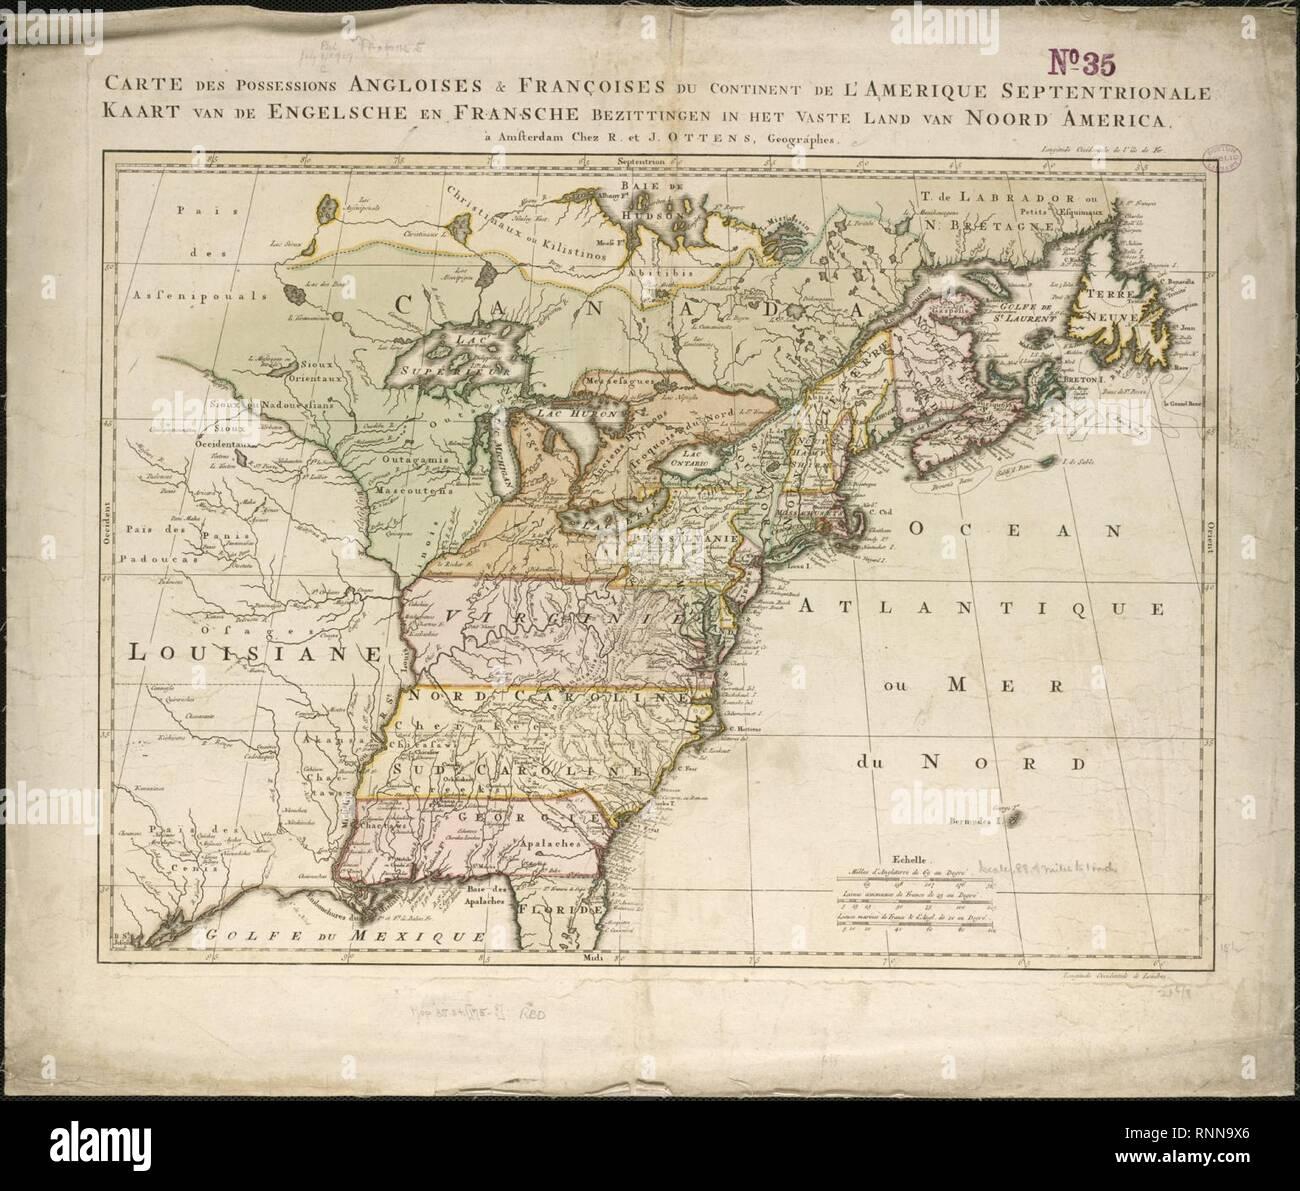 Carte des possessions angloises et françoises du continent de l'Amérique septentrionale = Kaart van de Engelsche Fransche en bezittingen in het vaste land van Noord Amérique (4231921980). Photo Stock